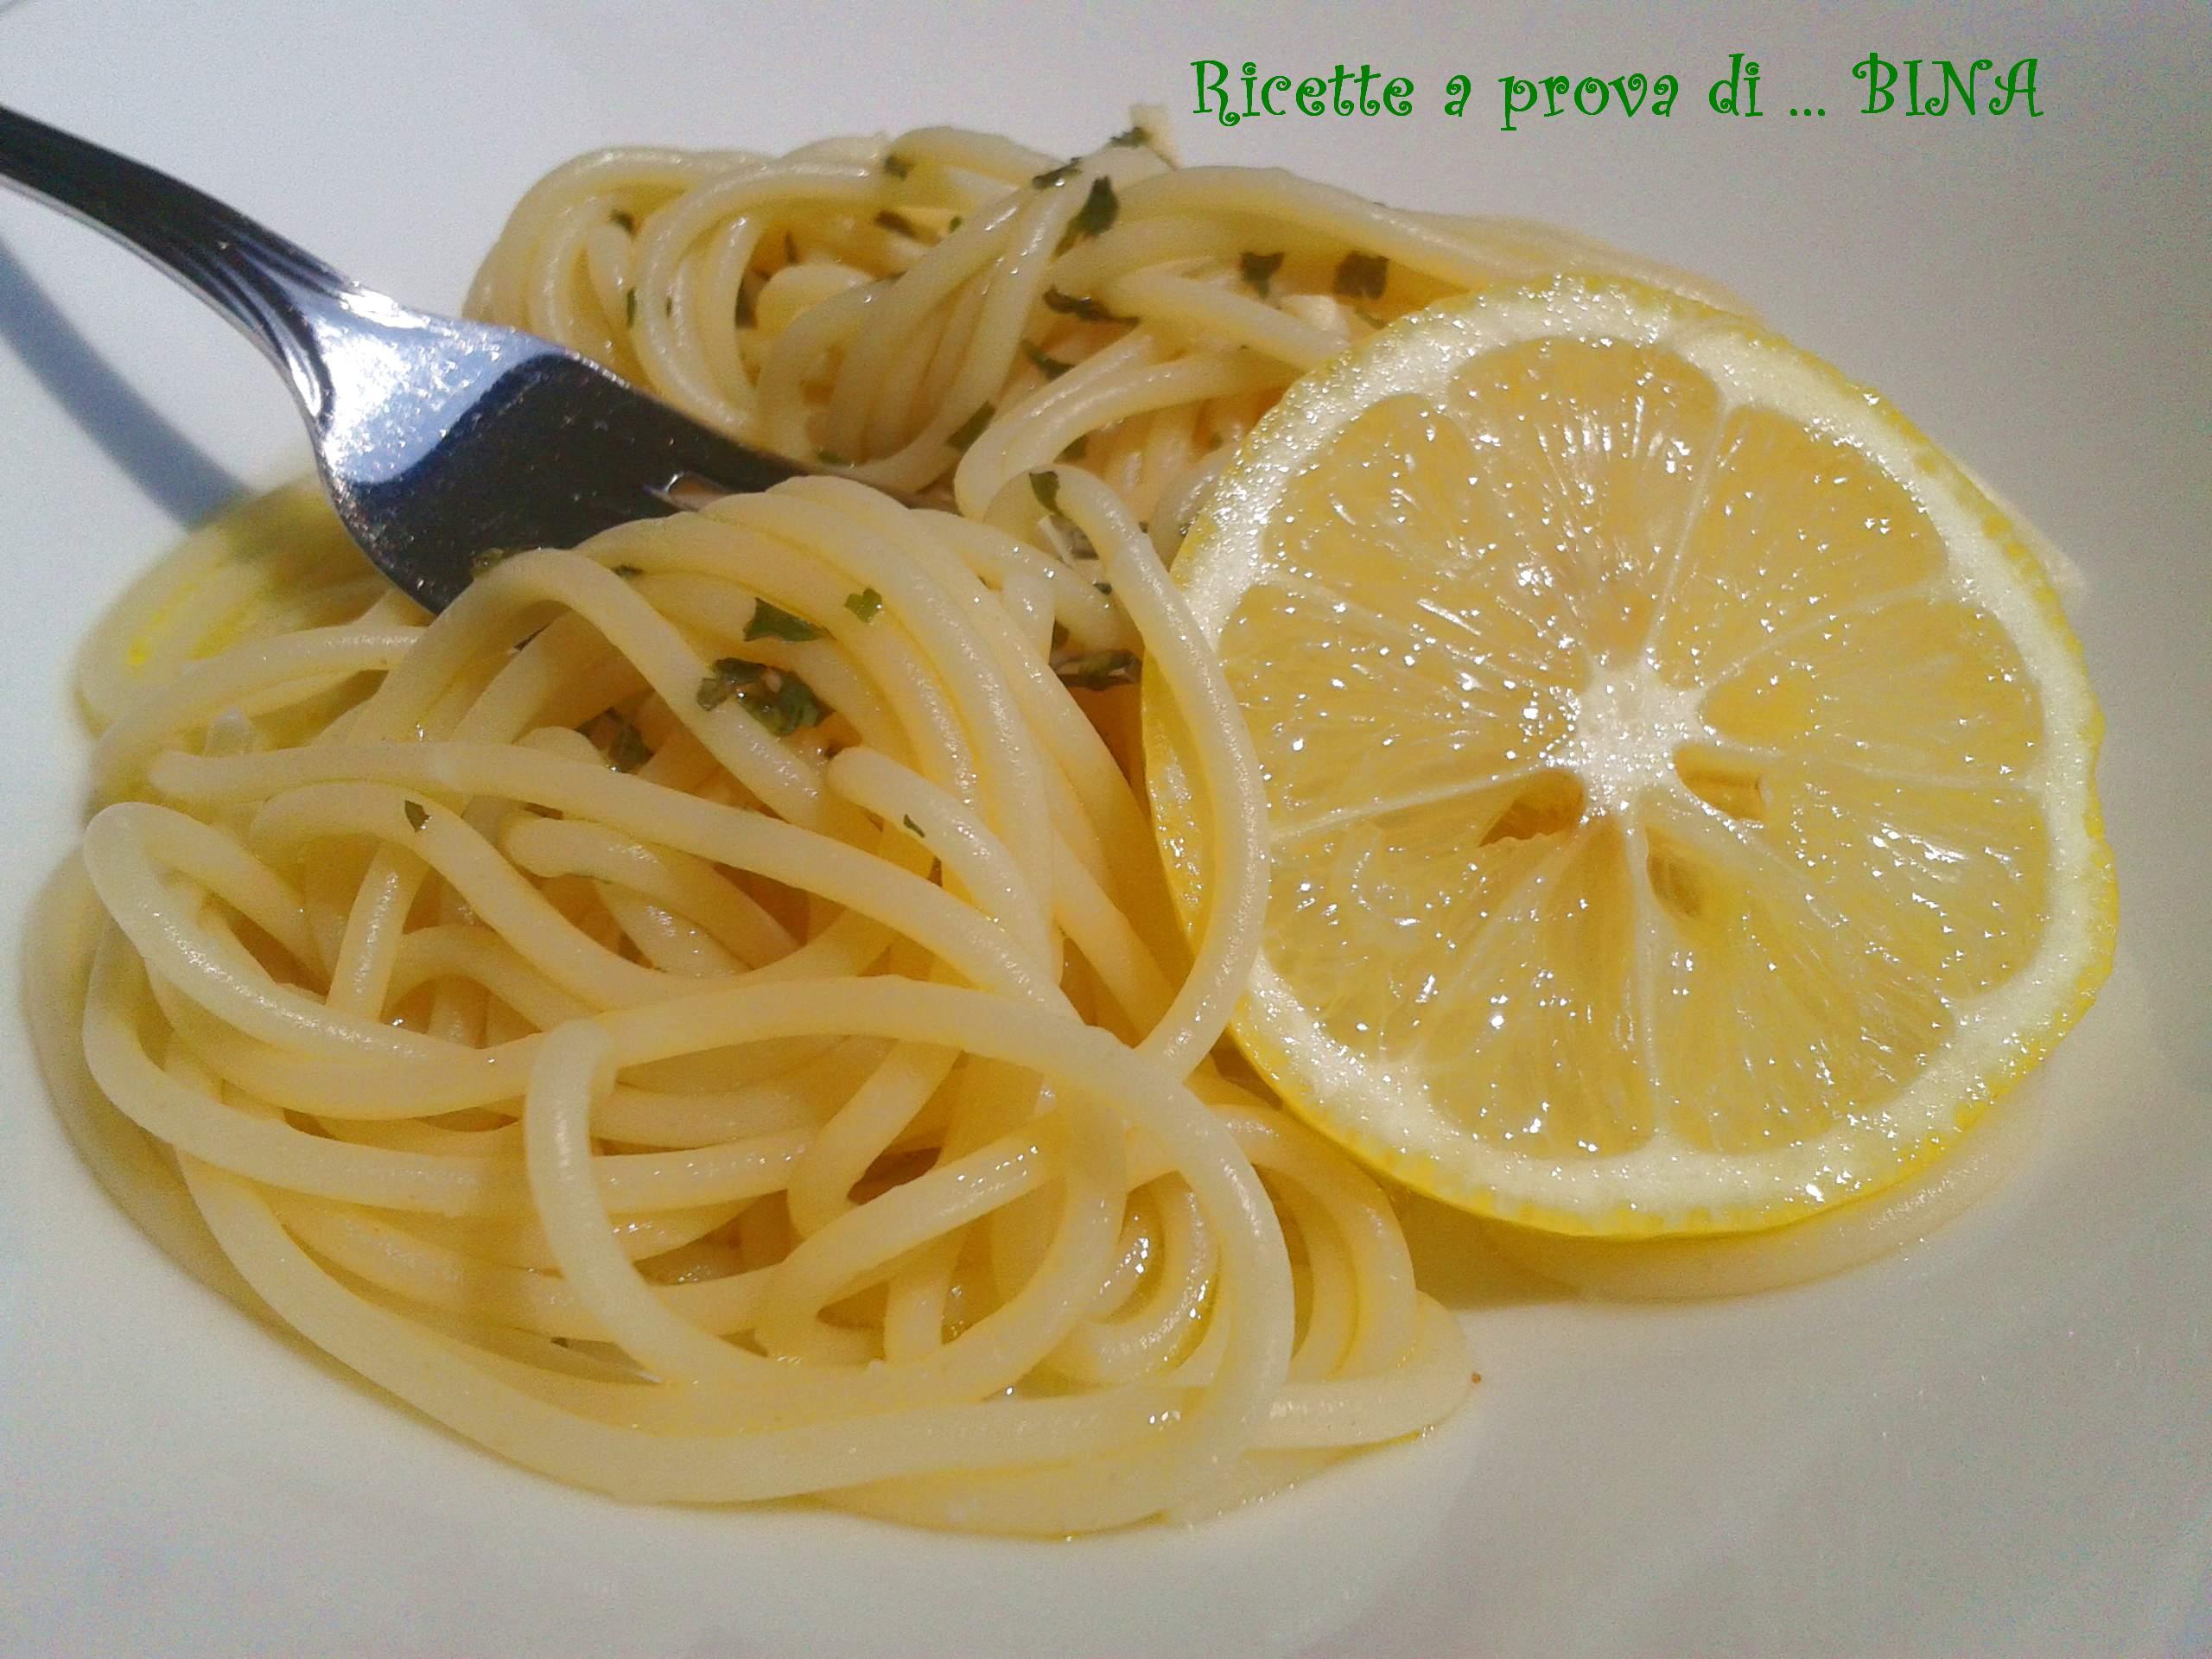 Ricerca ricette con primi piatti estivi veloci lievito for Ricette veloci vegetariane primi piatti